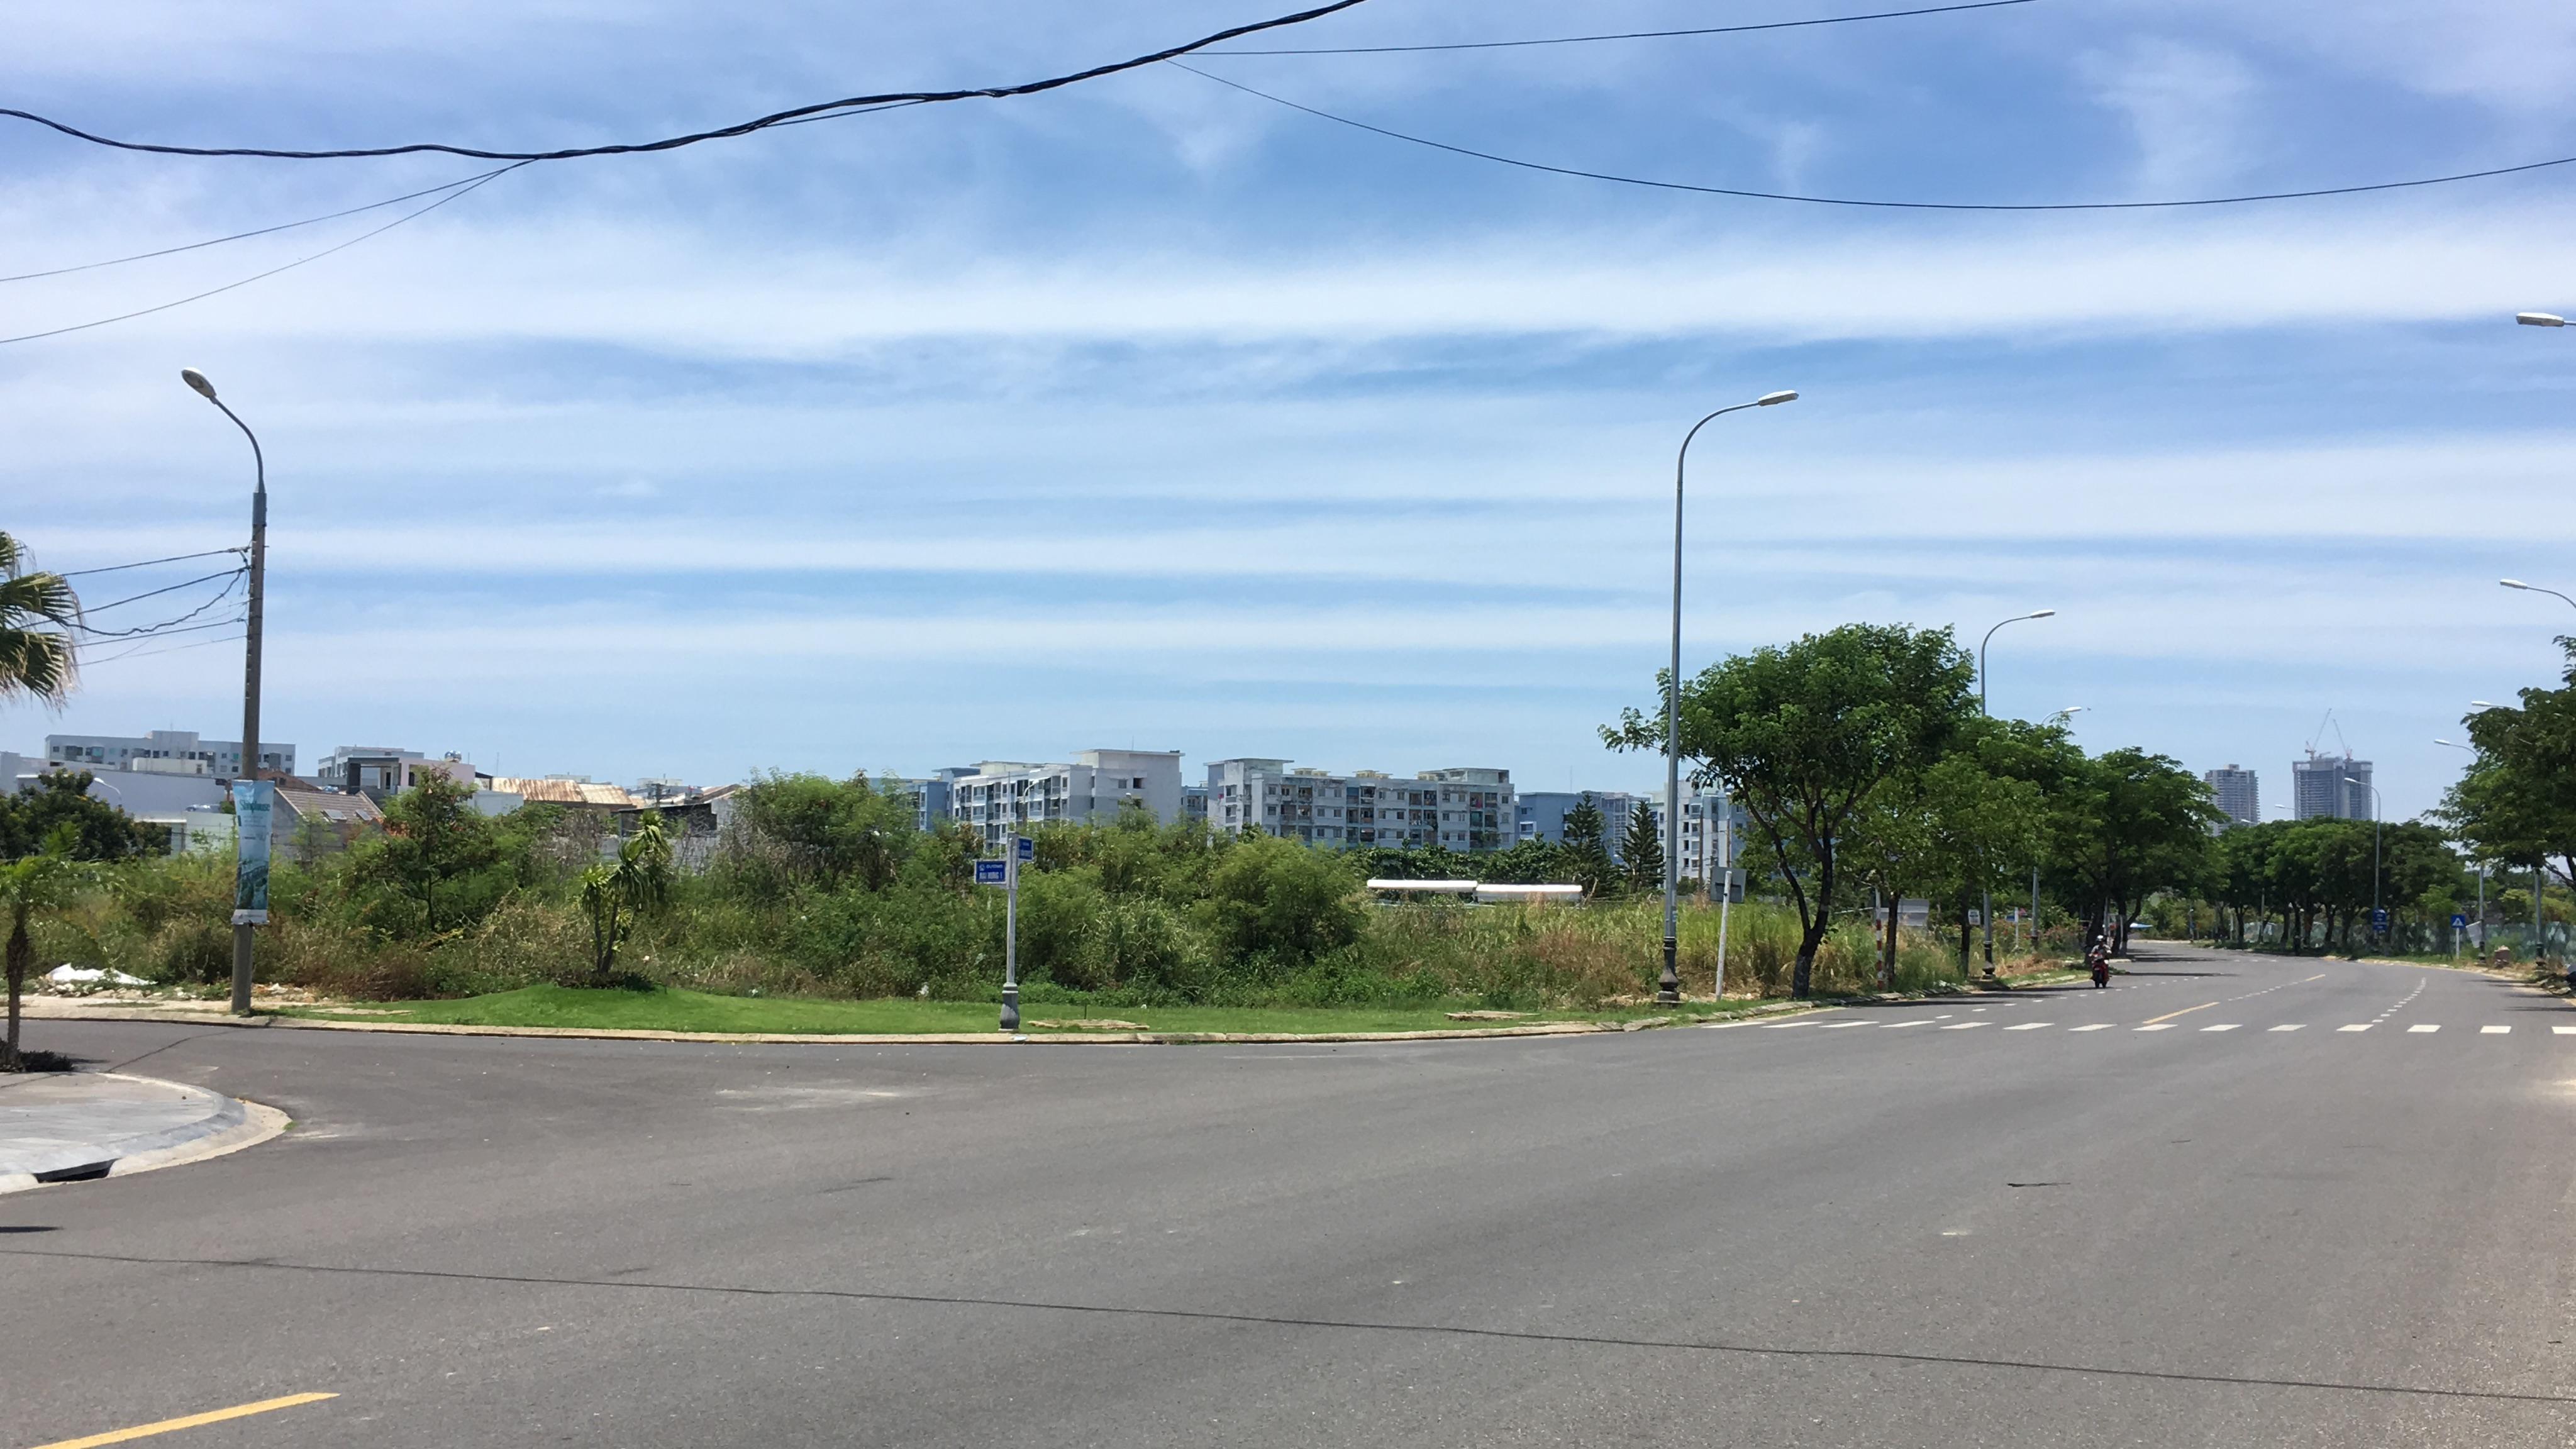 Cận cảnh đất vàng ven sông Hàn, Tập đoàn Đông Đô trúng đấu giá hơn 310 tỉ đồng để xây dựng chung cư - Ảnh 1.